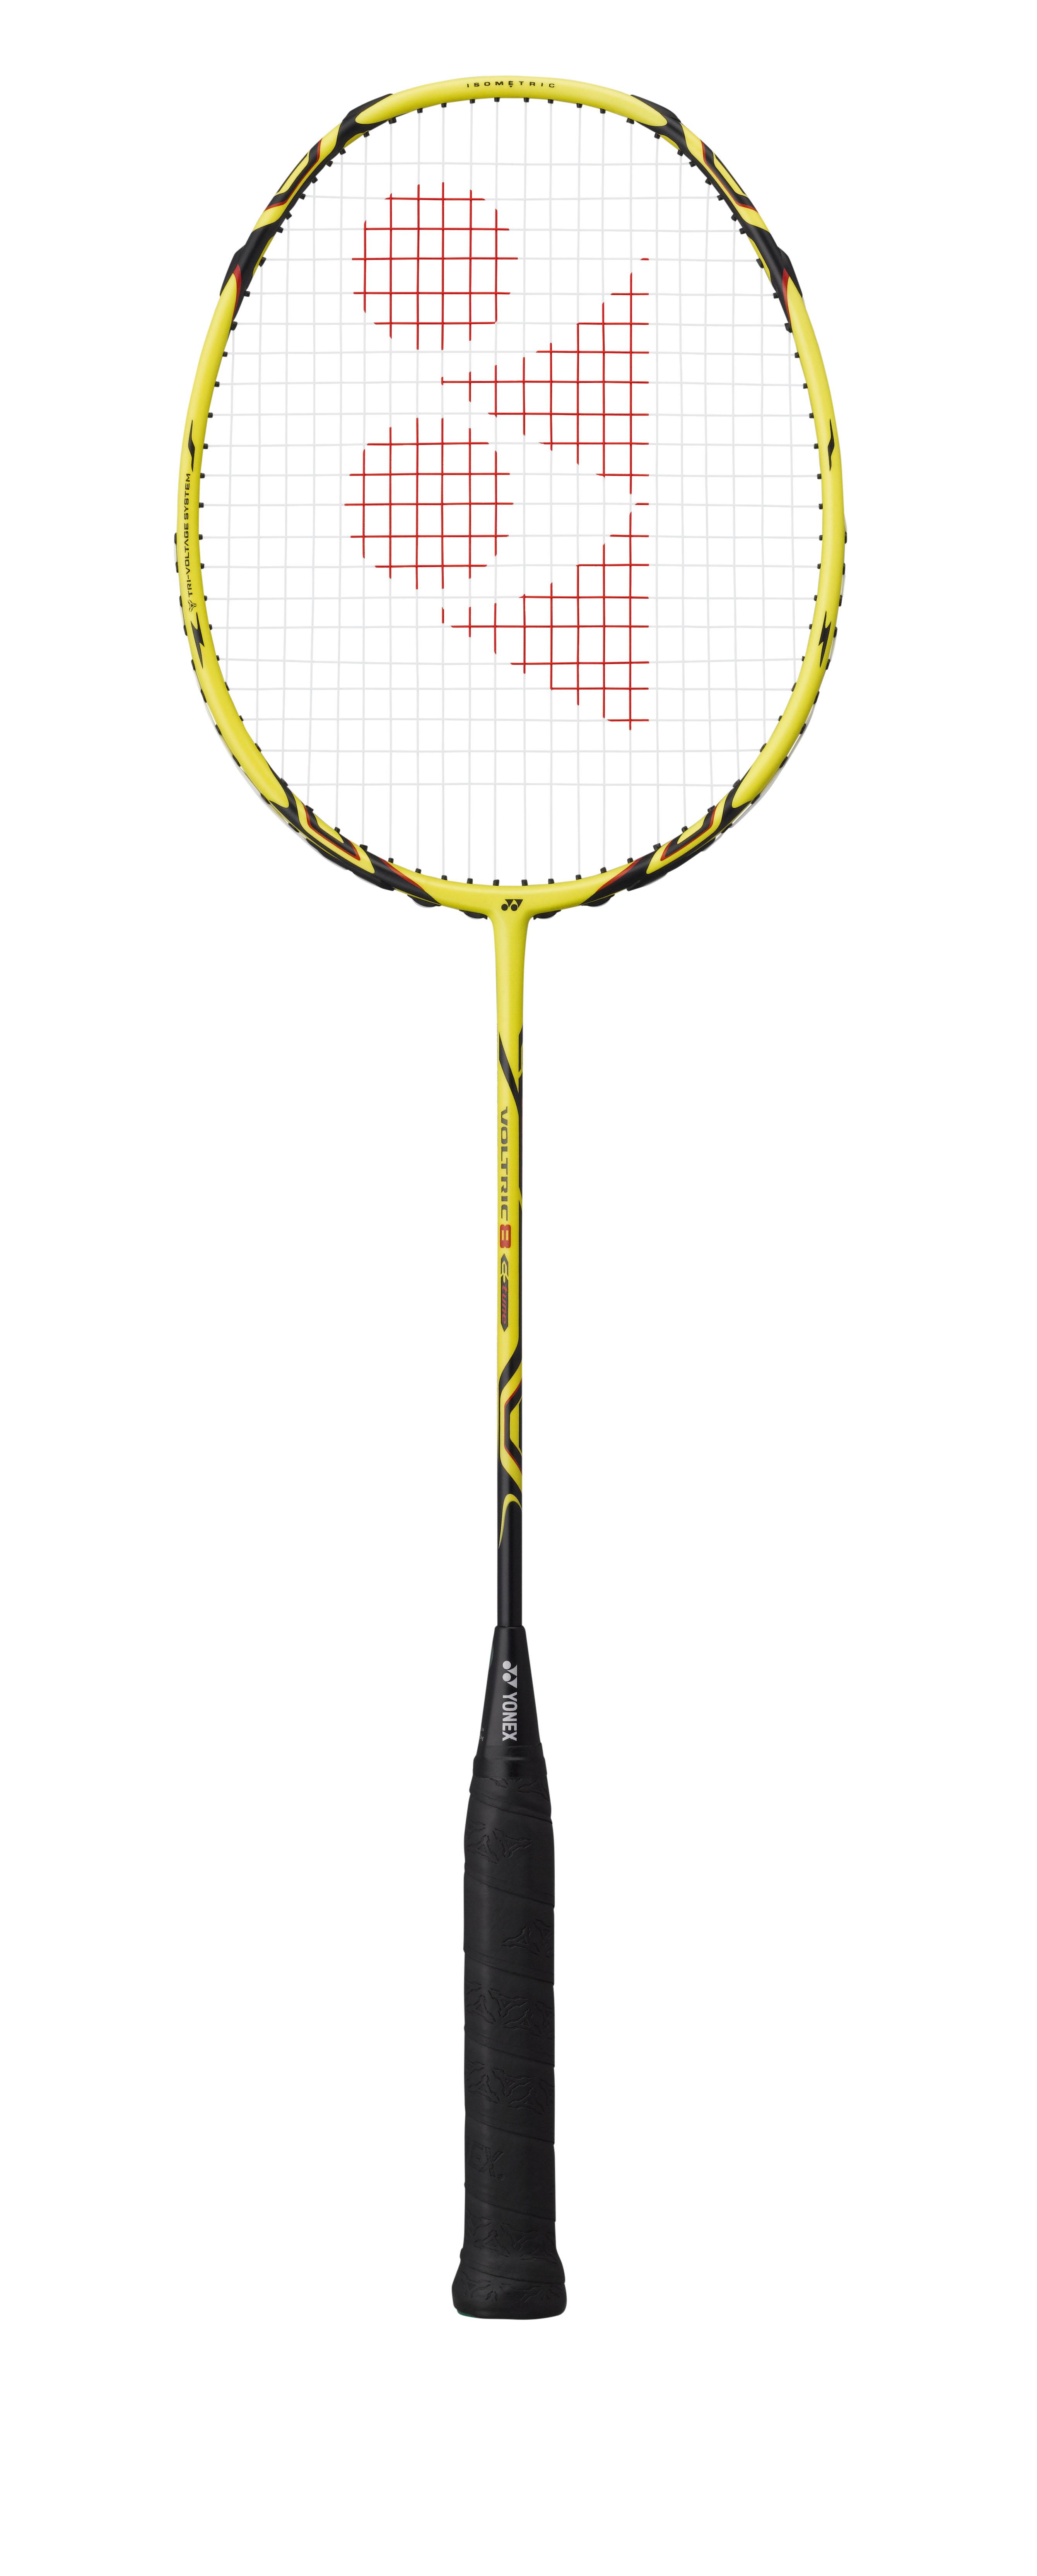 Yonex Voltric 8 E-tune Racchetta Badminton Racchetta Da Badminton Racchetta -  - ebay.it